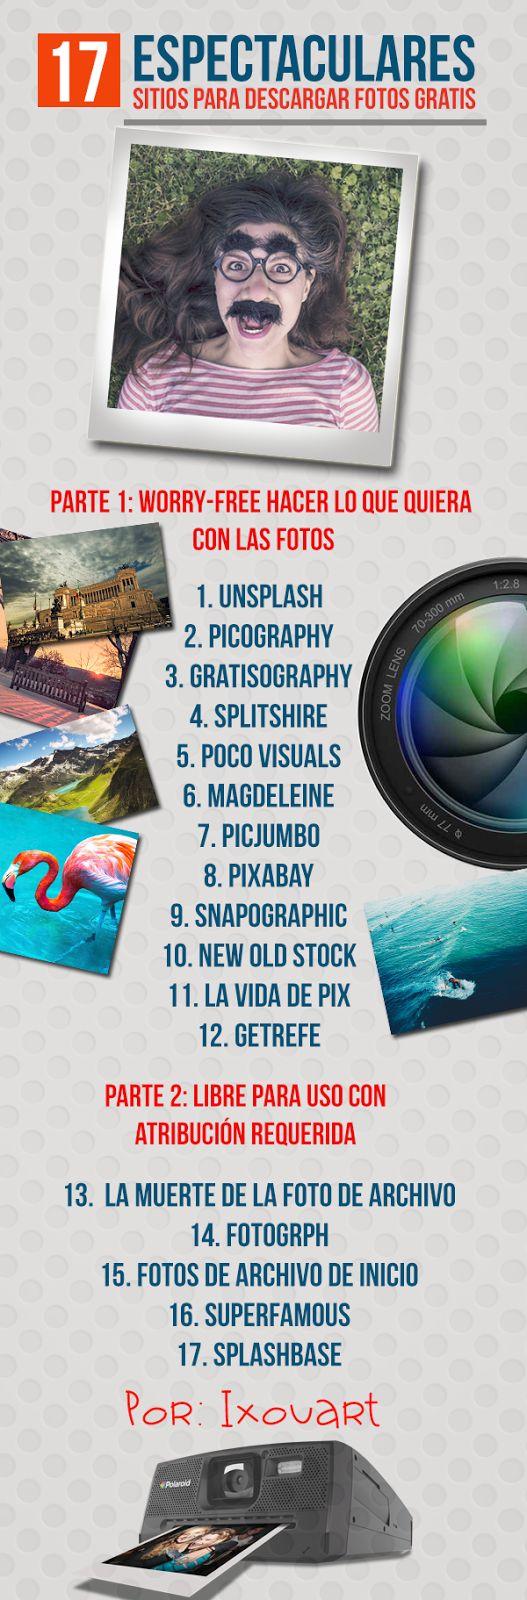 17 espectaculares sitios para descargar Fotos Gratis